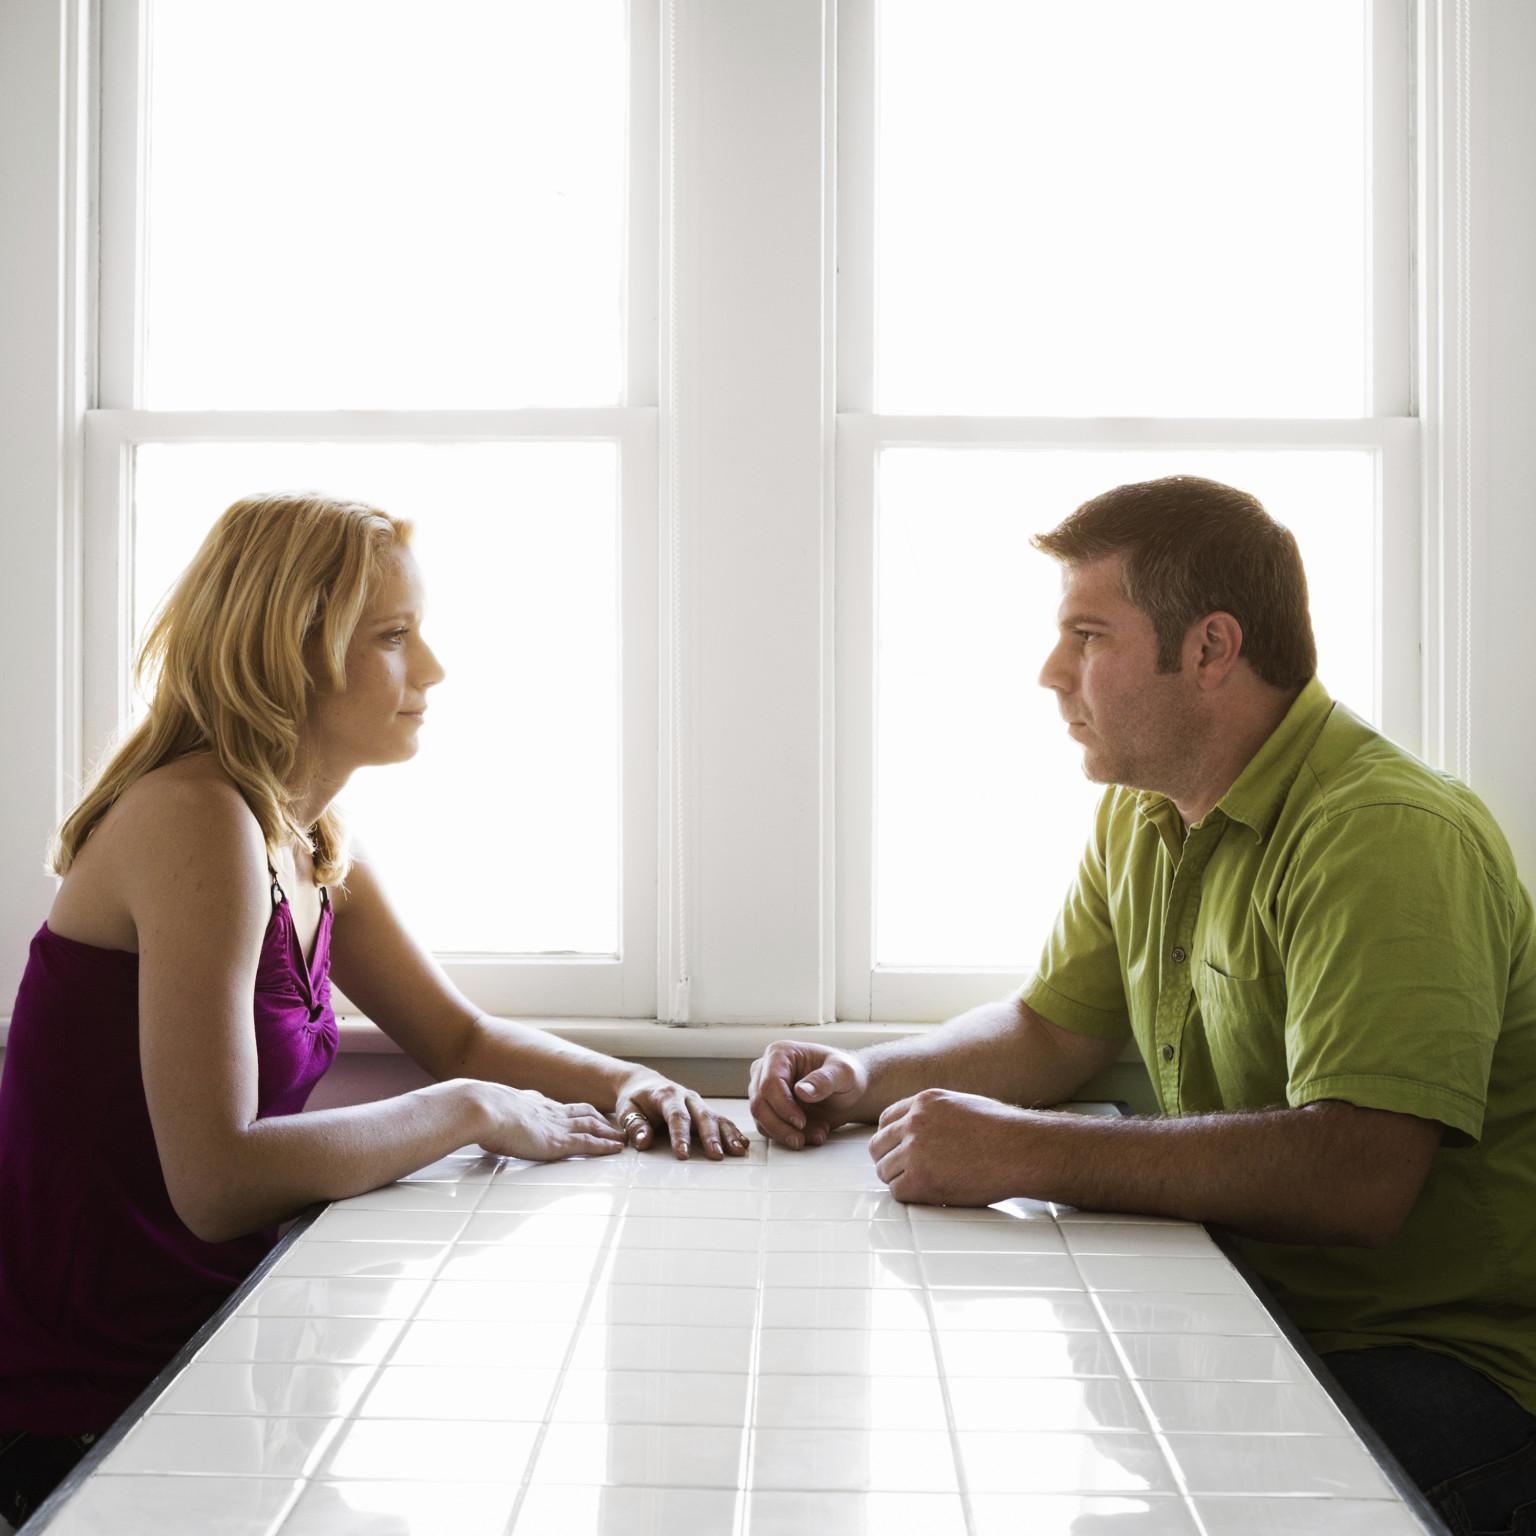 أي للحب وأي للزواج؟